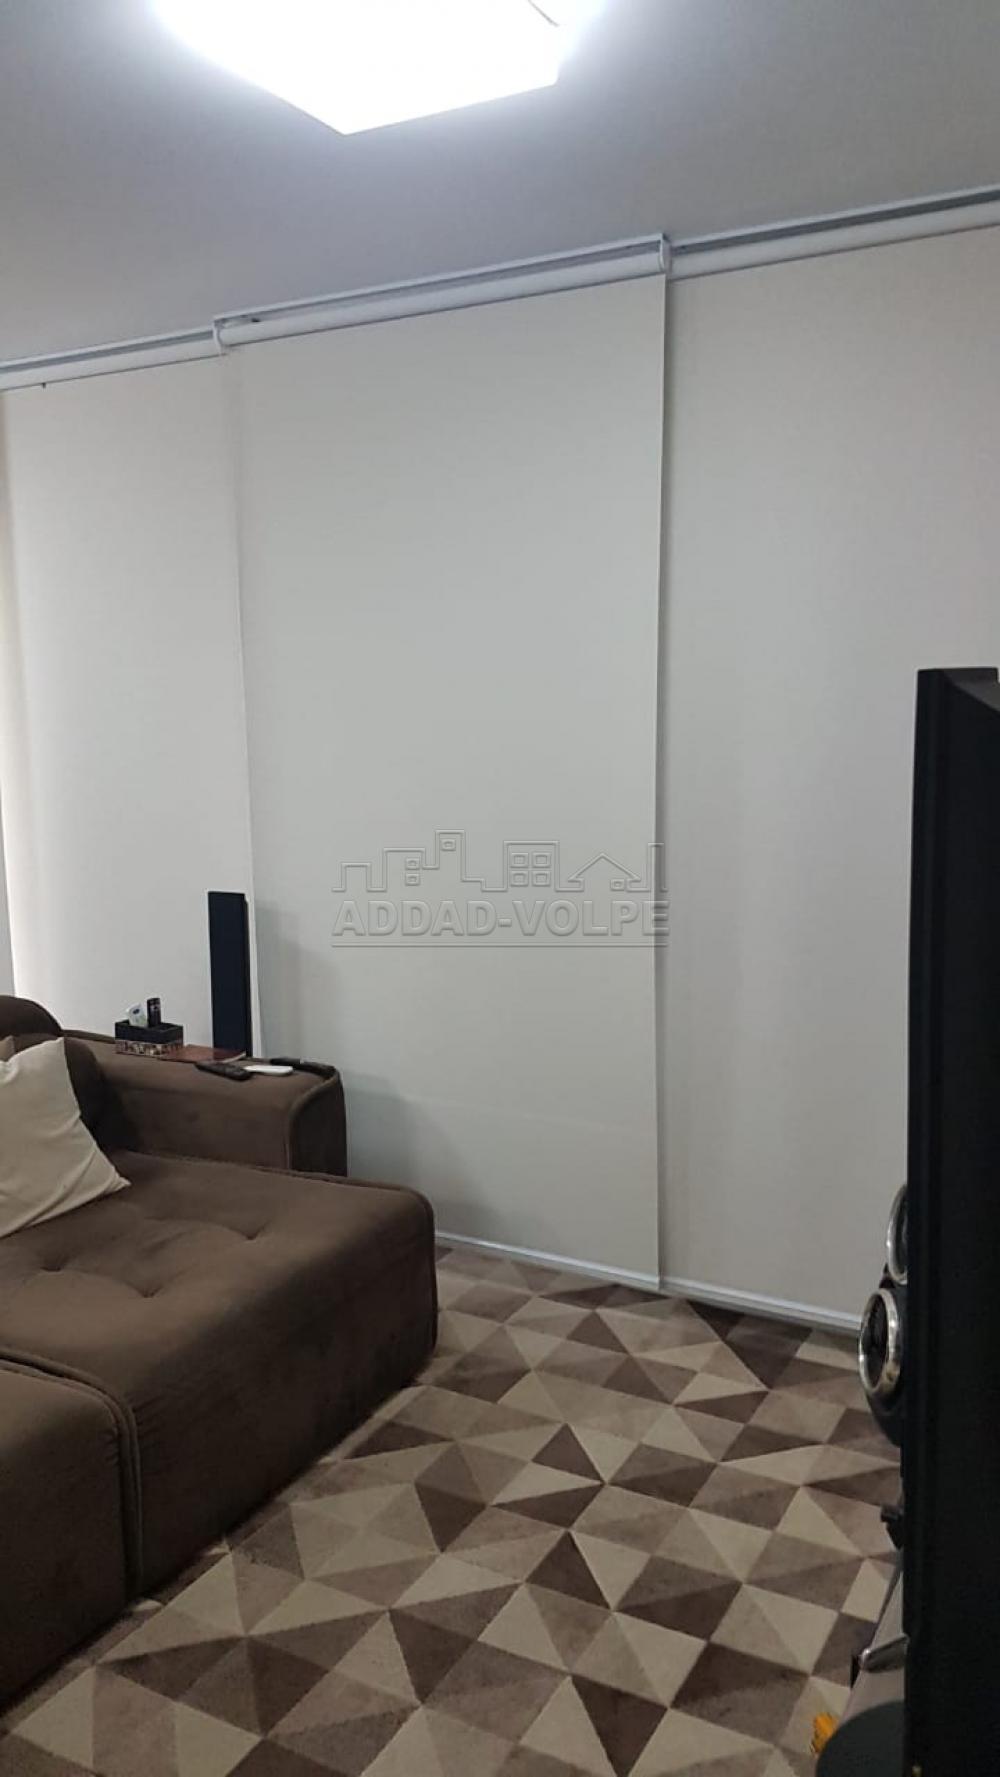 Comprar Apartamento / Padrão em Bauru apenas R$ 520.000,00 - Foto 9